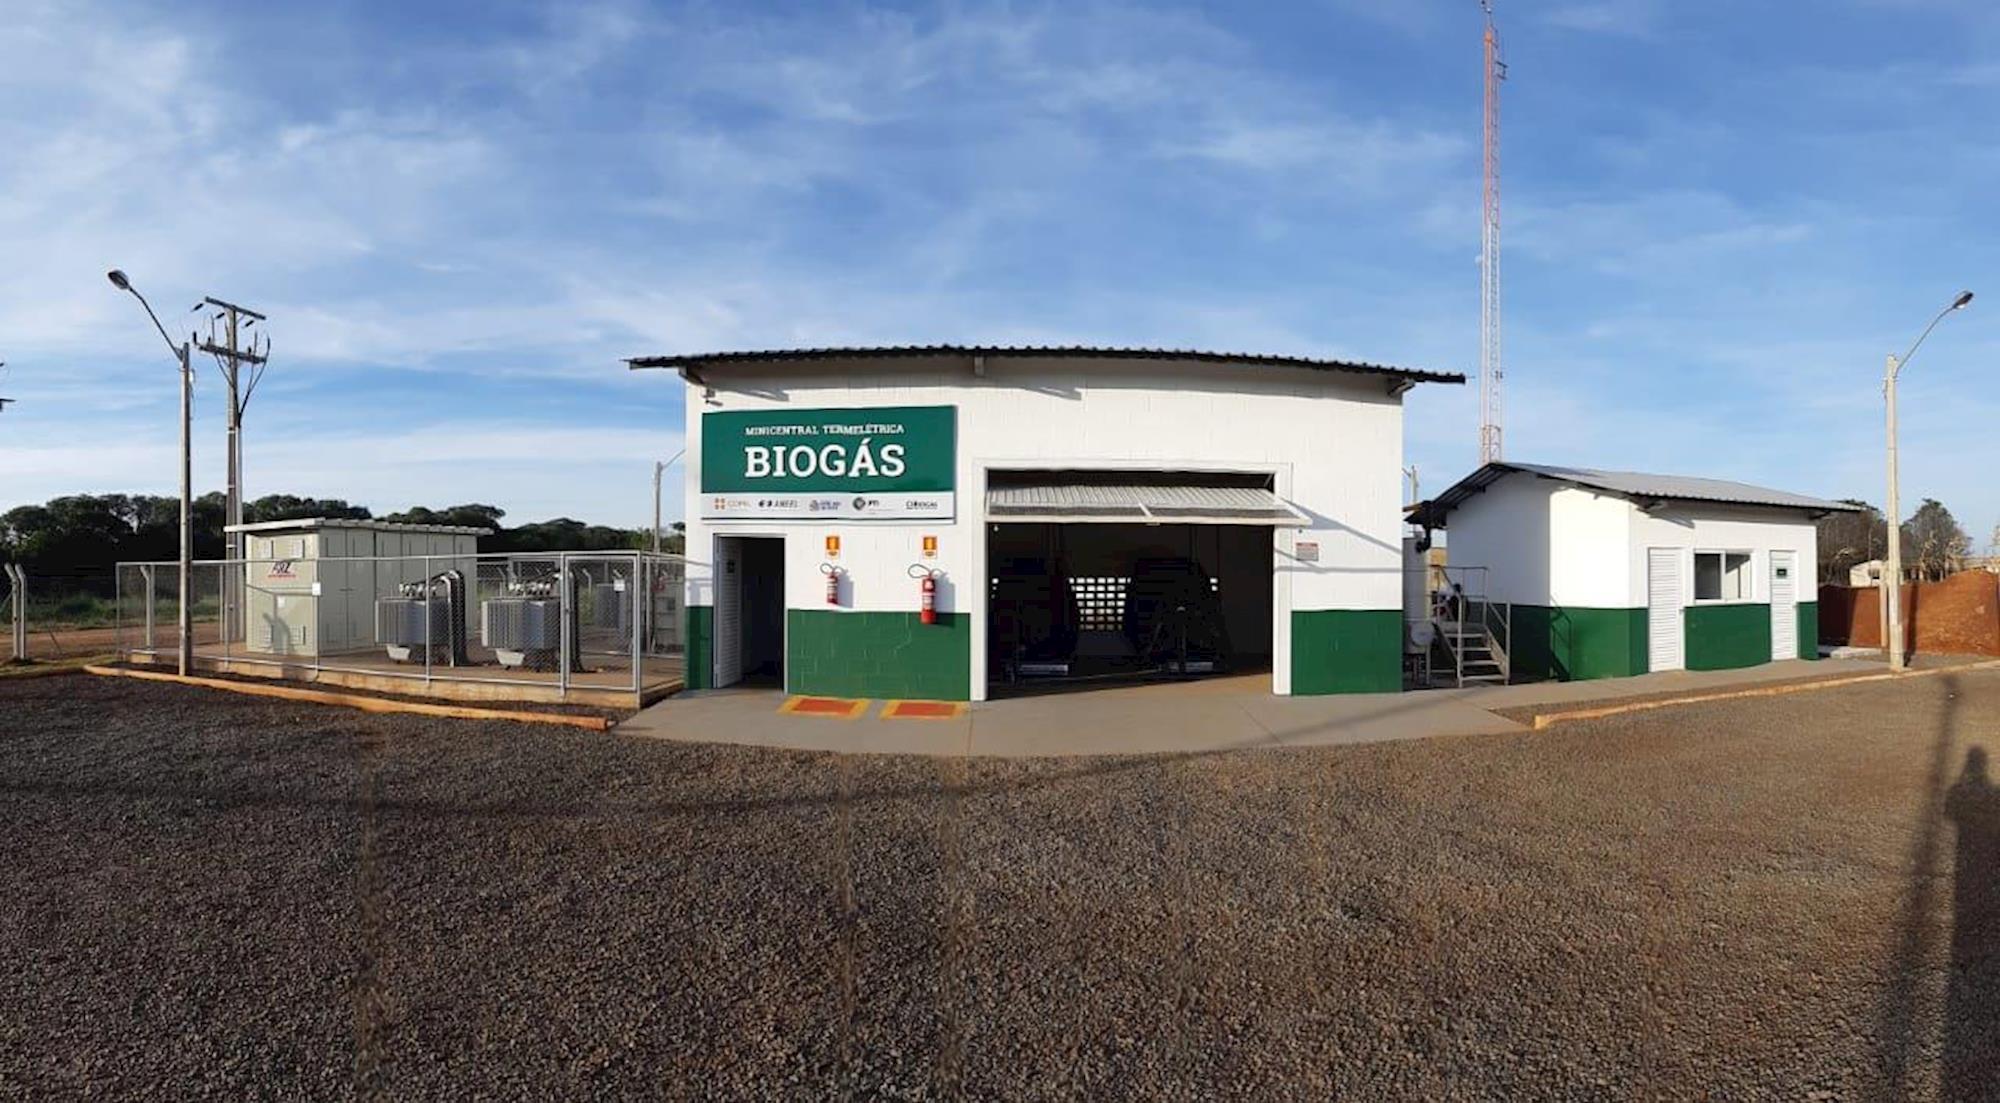 biocombustivel, fotos atualizadas , CiBiogás